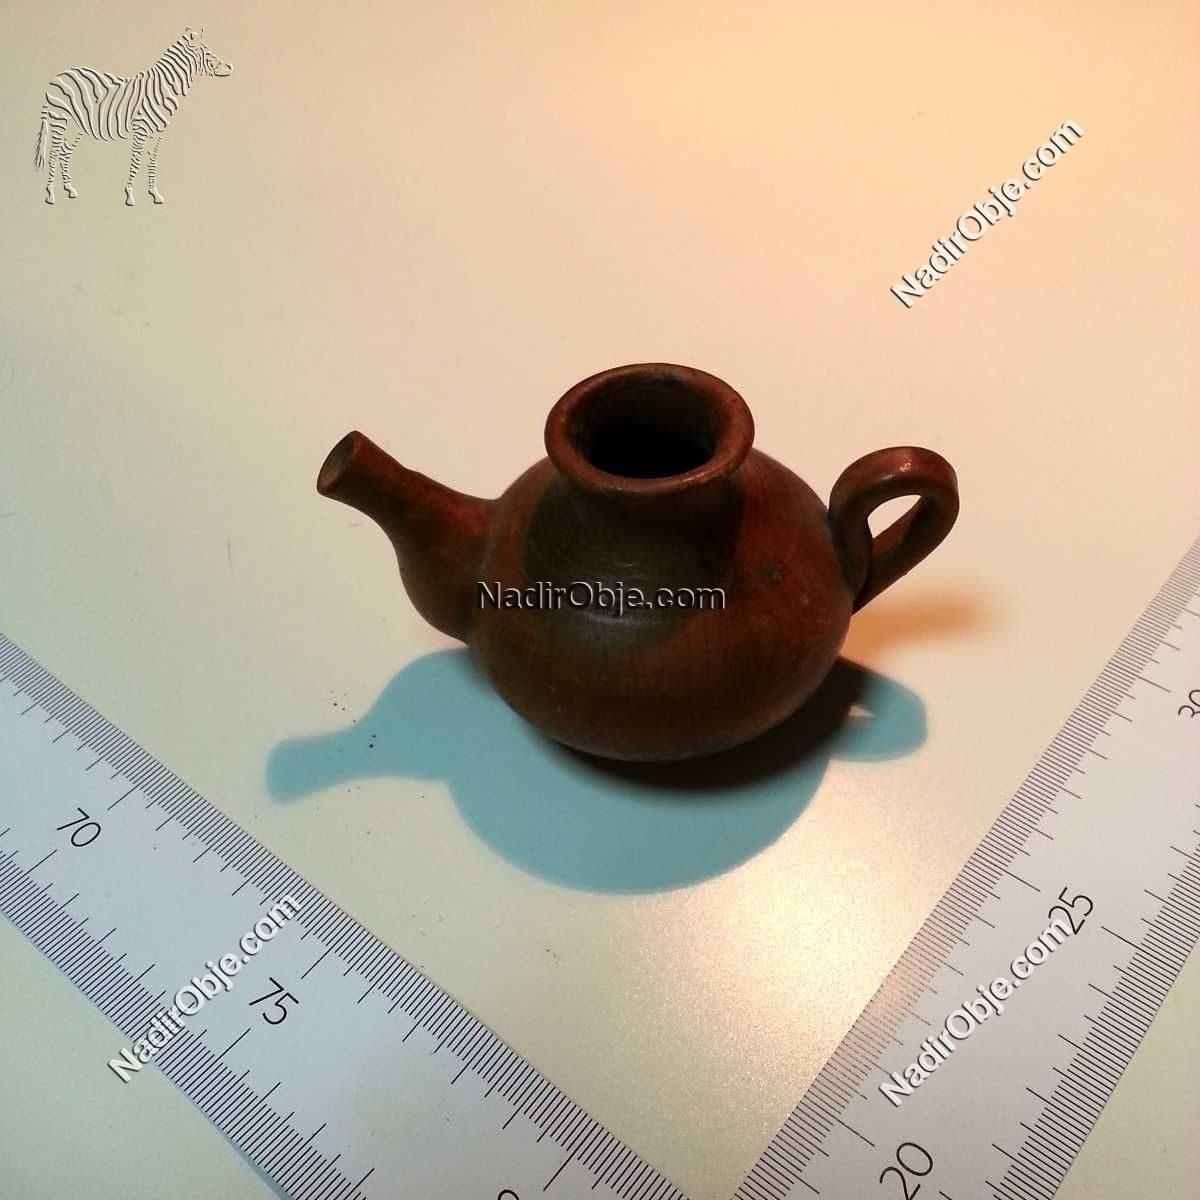 Süs Çaydanlığı Seçtiklerimiz Çaydanlık